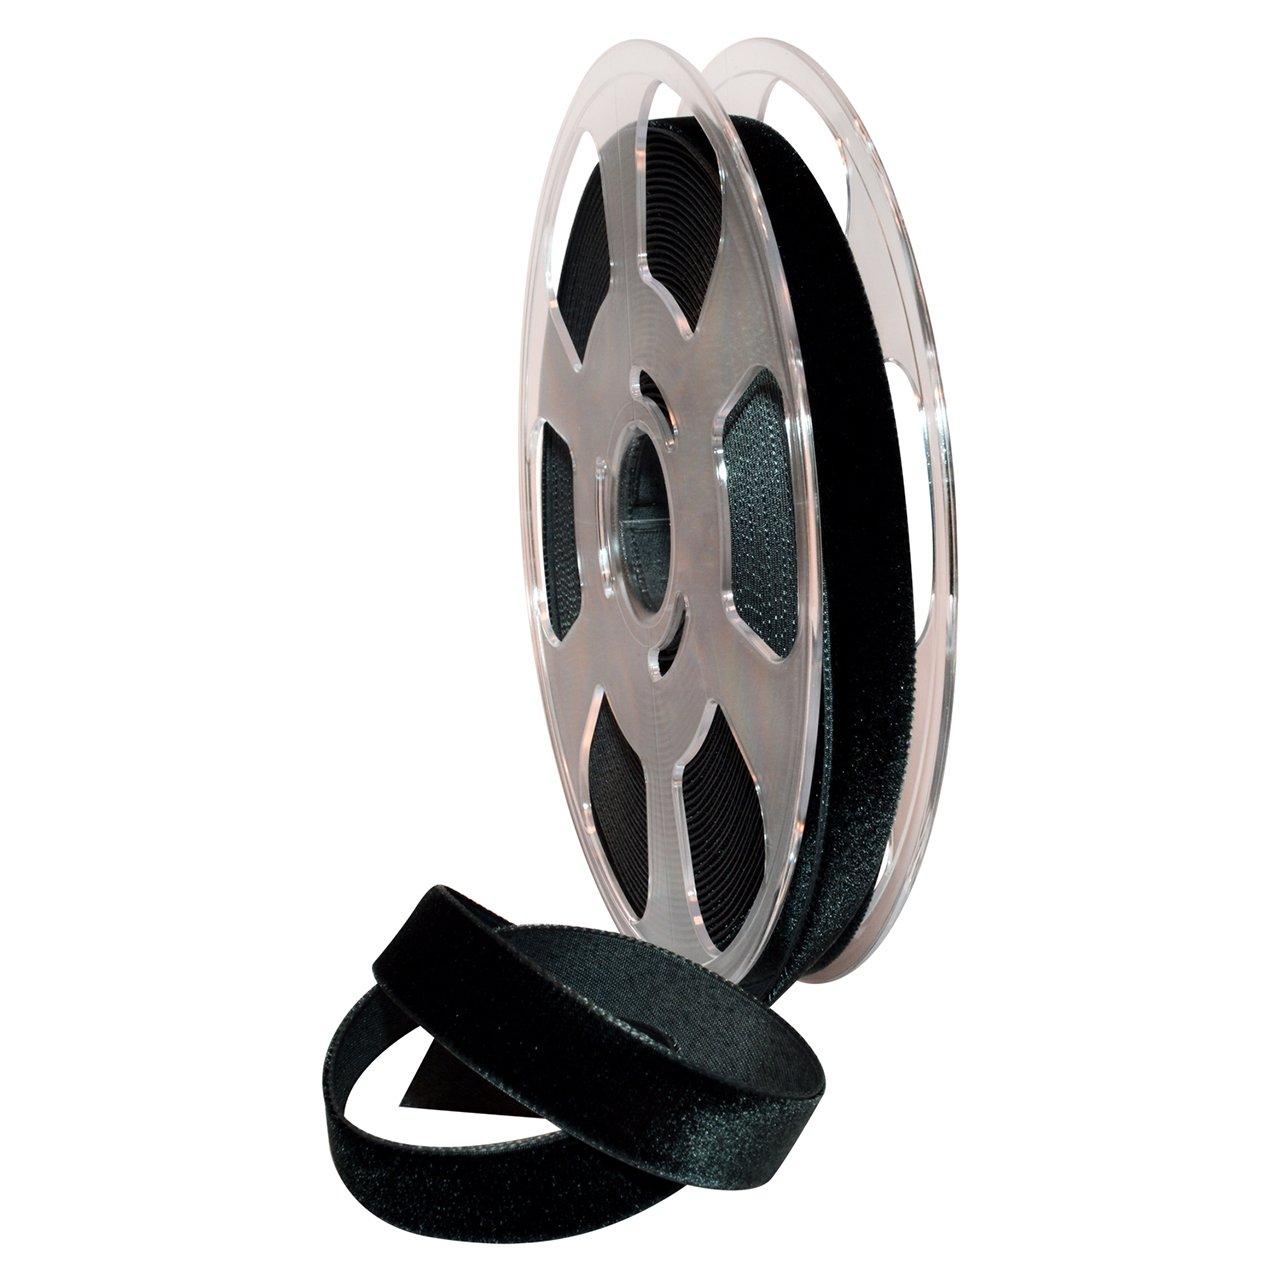 Morex Ribbon 01215/10-725 ナイロンバロア スイスベルベット ナイロンリボン 5/8インチ x 11ヤード ブラック   B00U27LSES